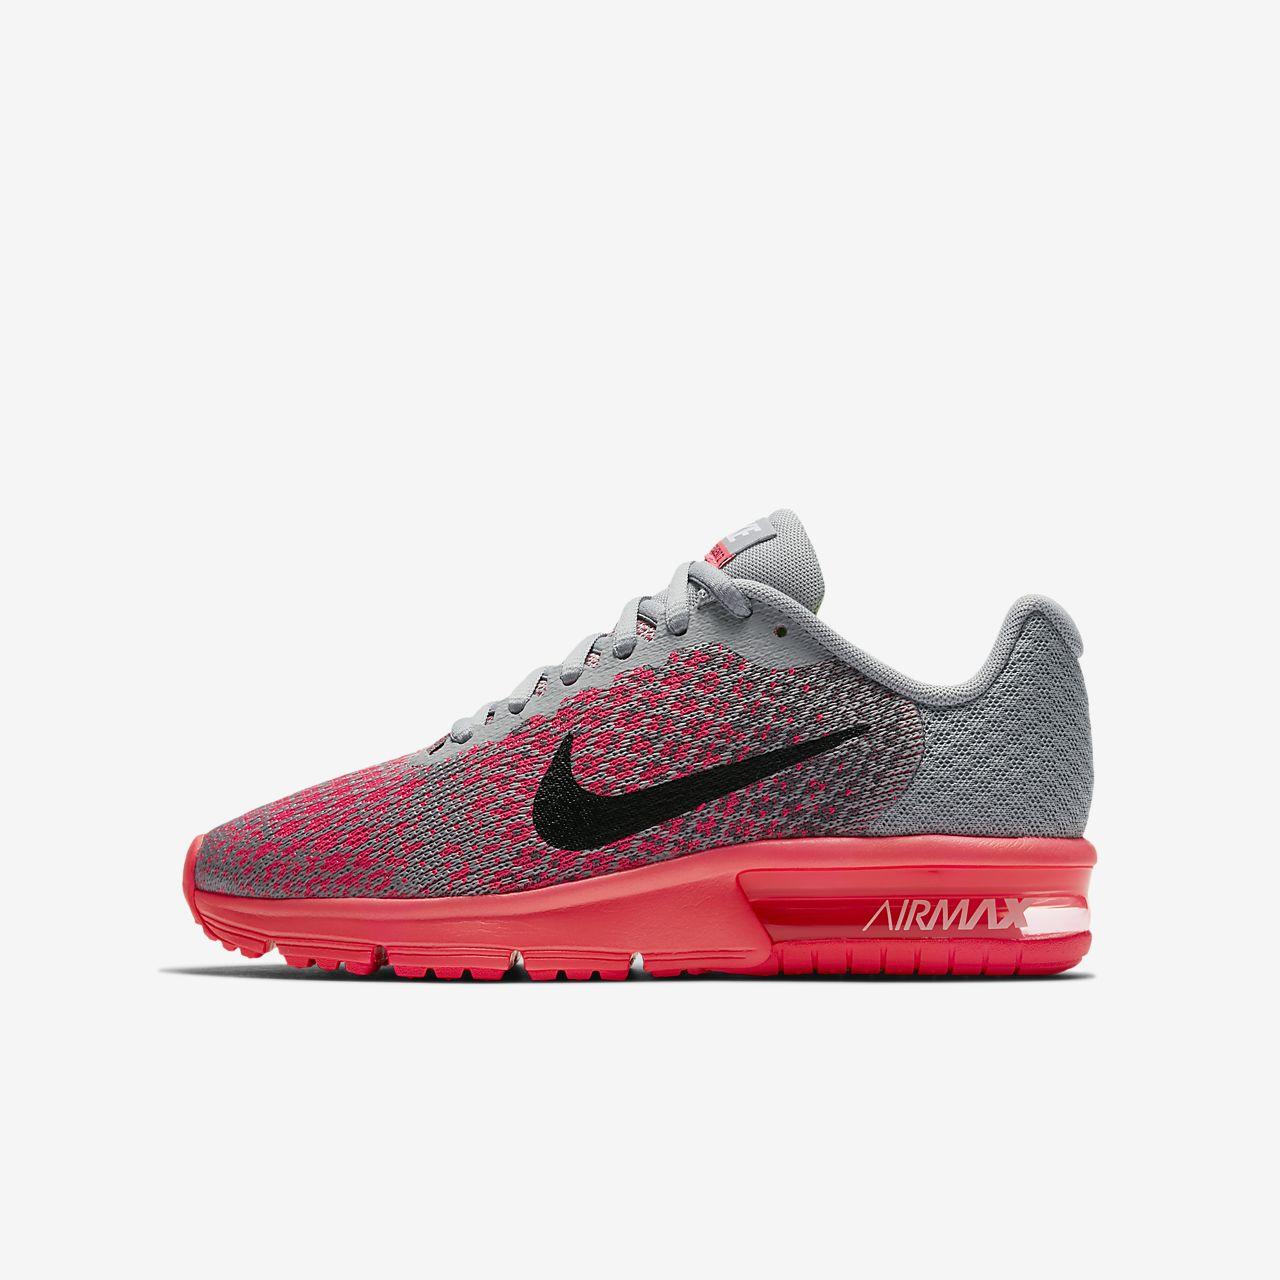 6dadbee97ed Παπούτσι για τρέξιμο Nike Air Max Sequent 2 για μεγάλα παιδιά. Nike ...